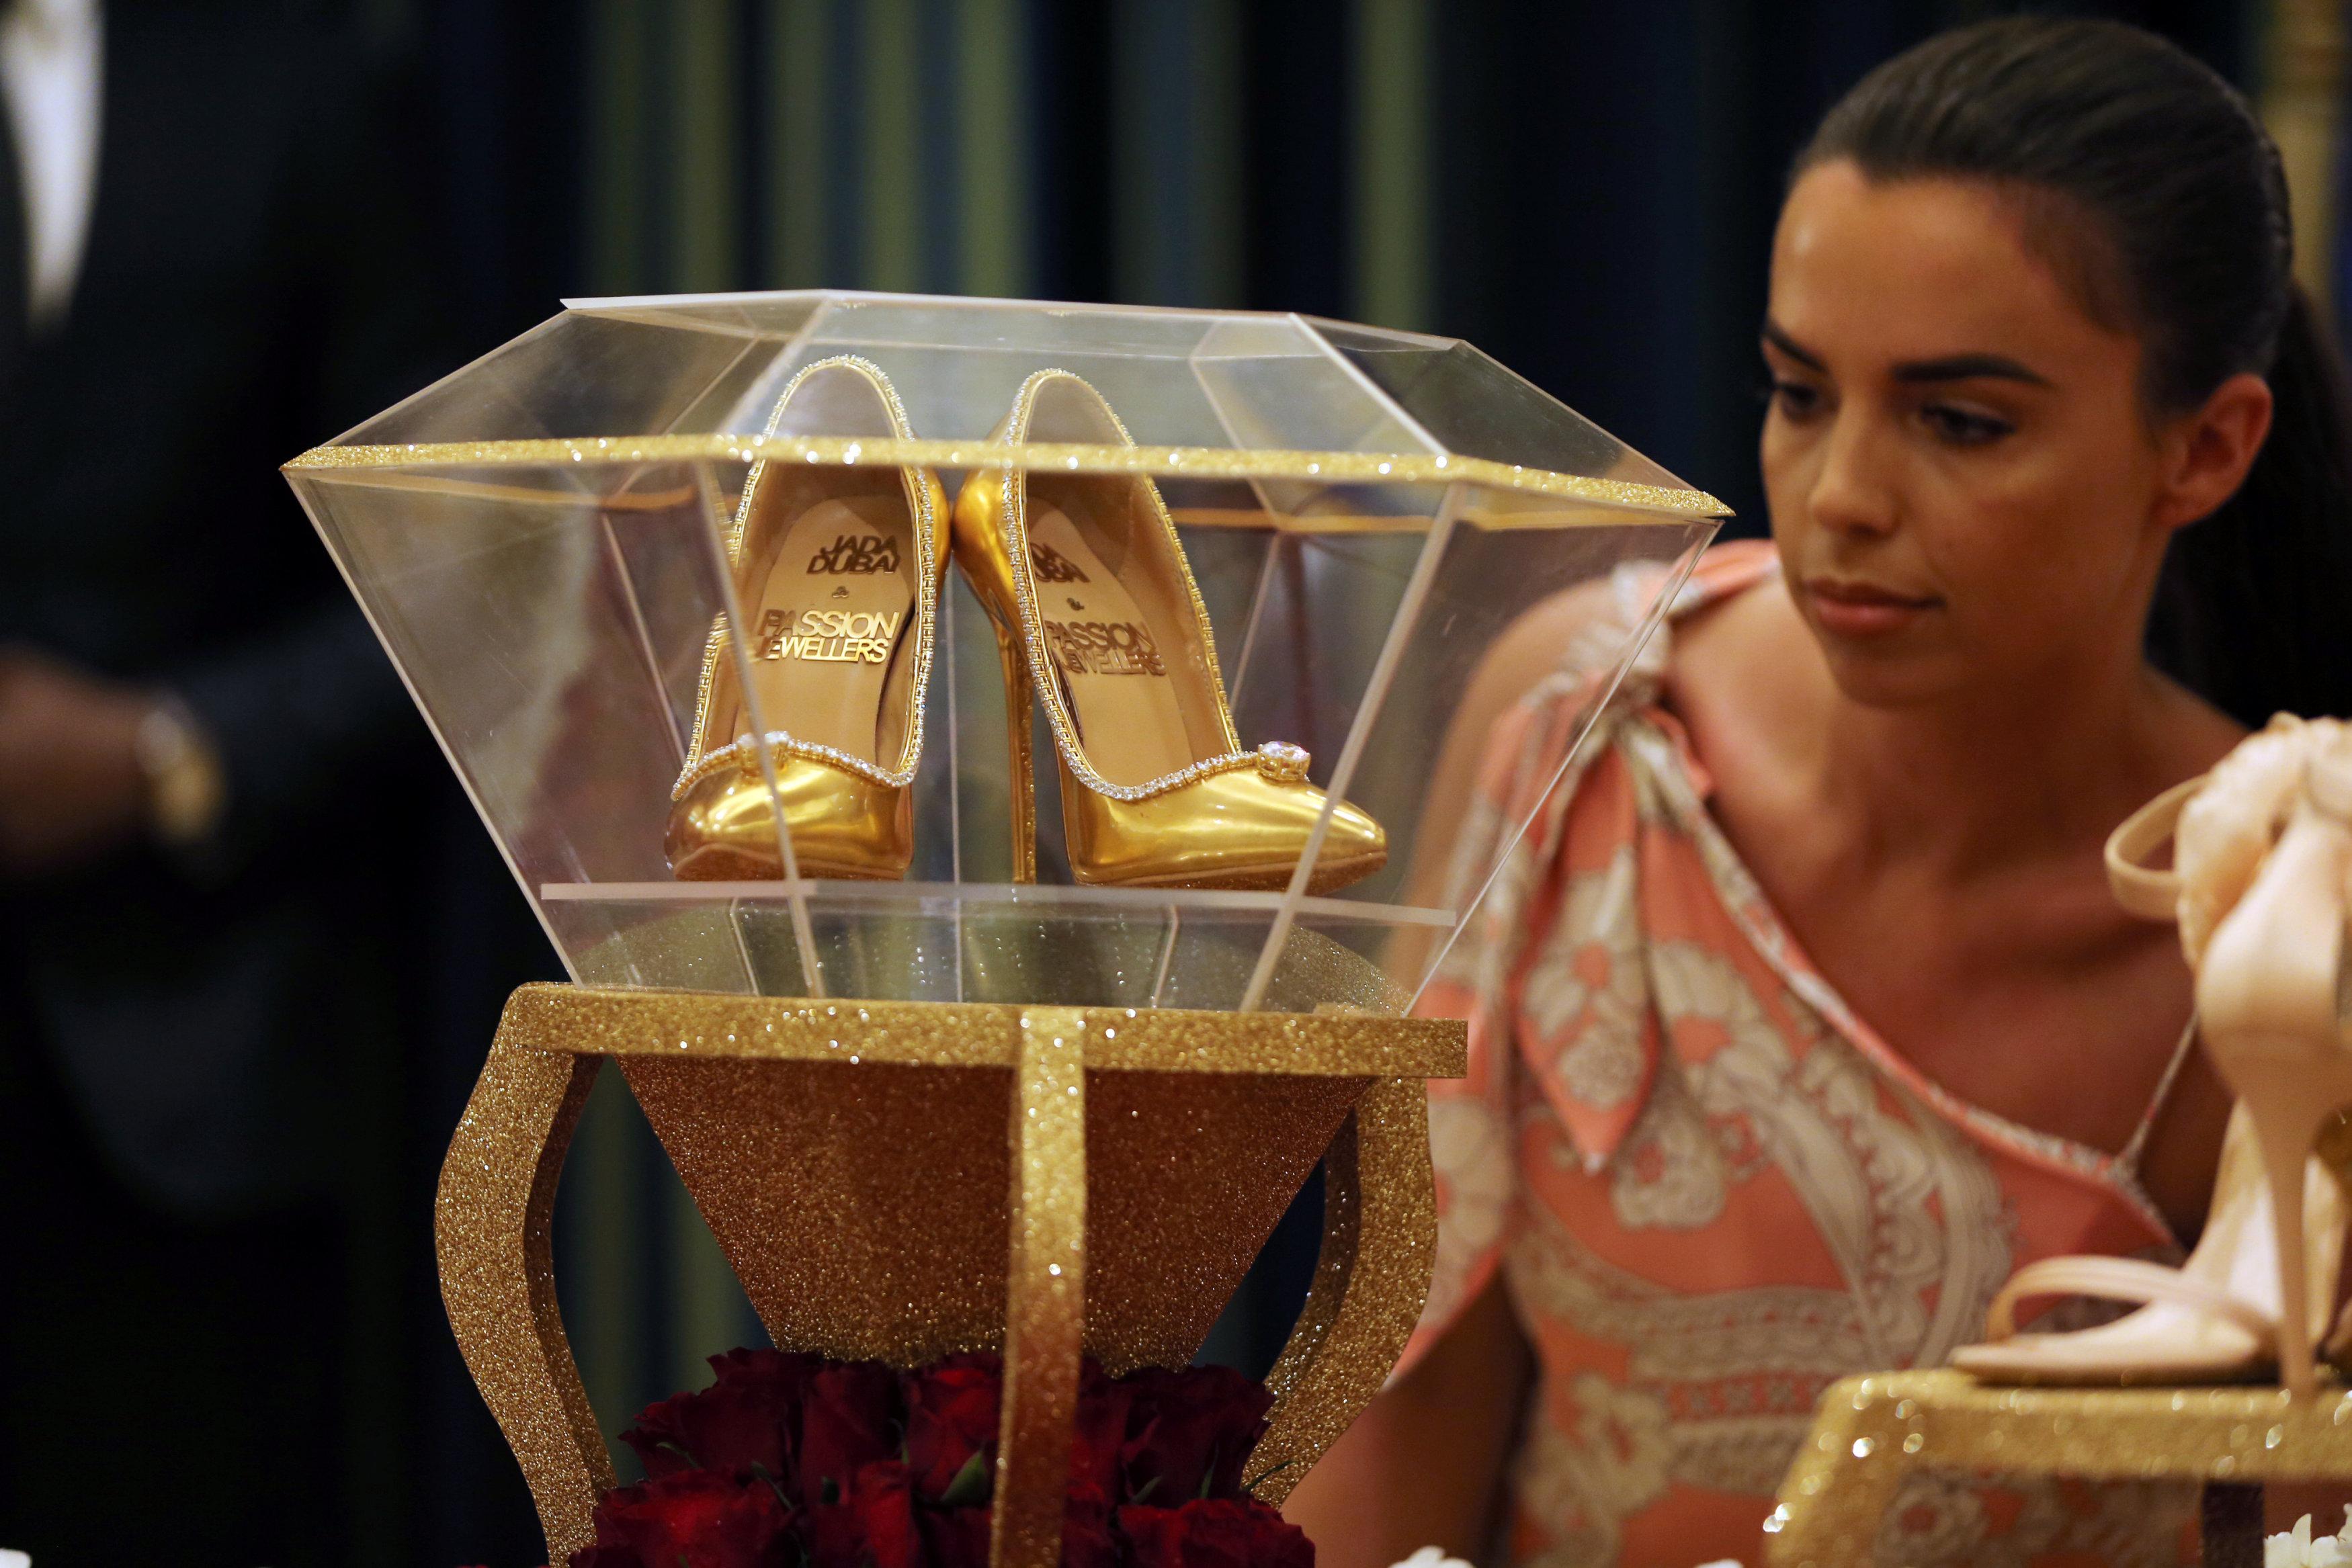 صور أغلى حذاء فى العالم (7)